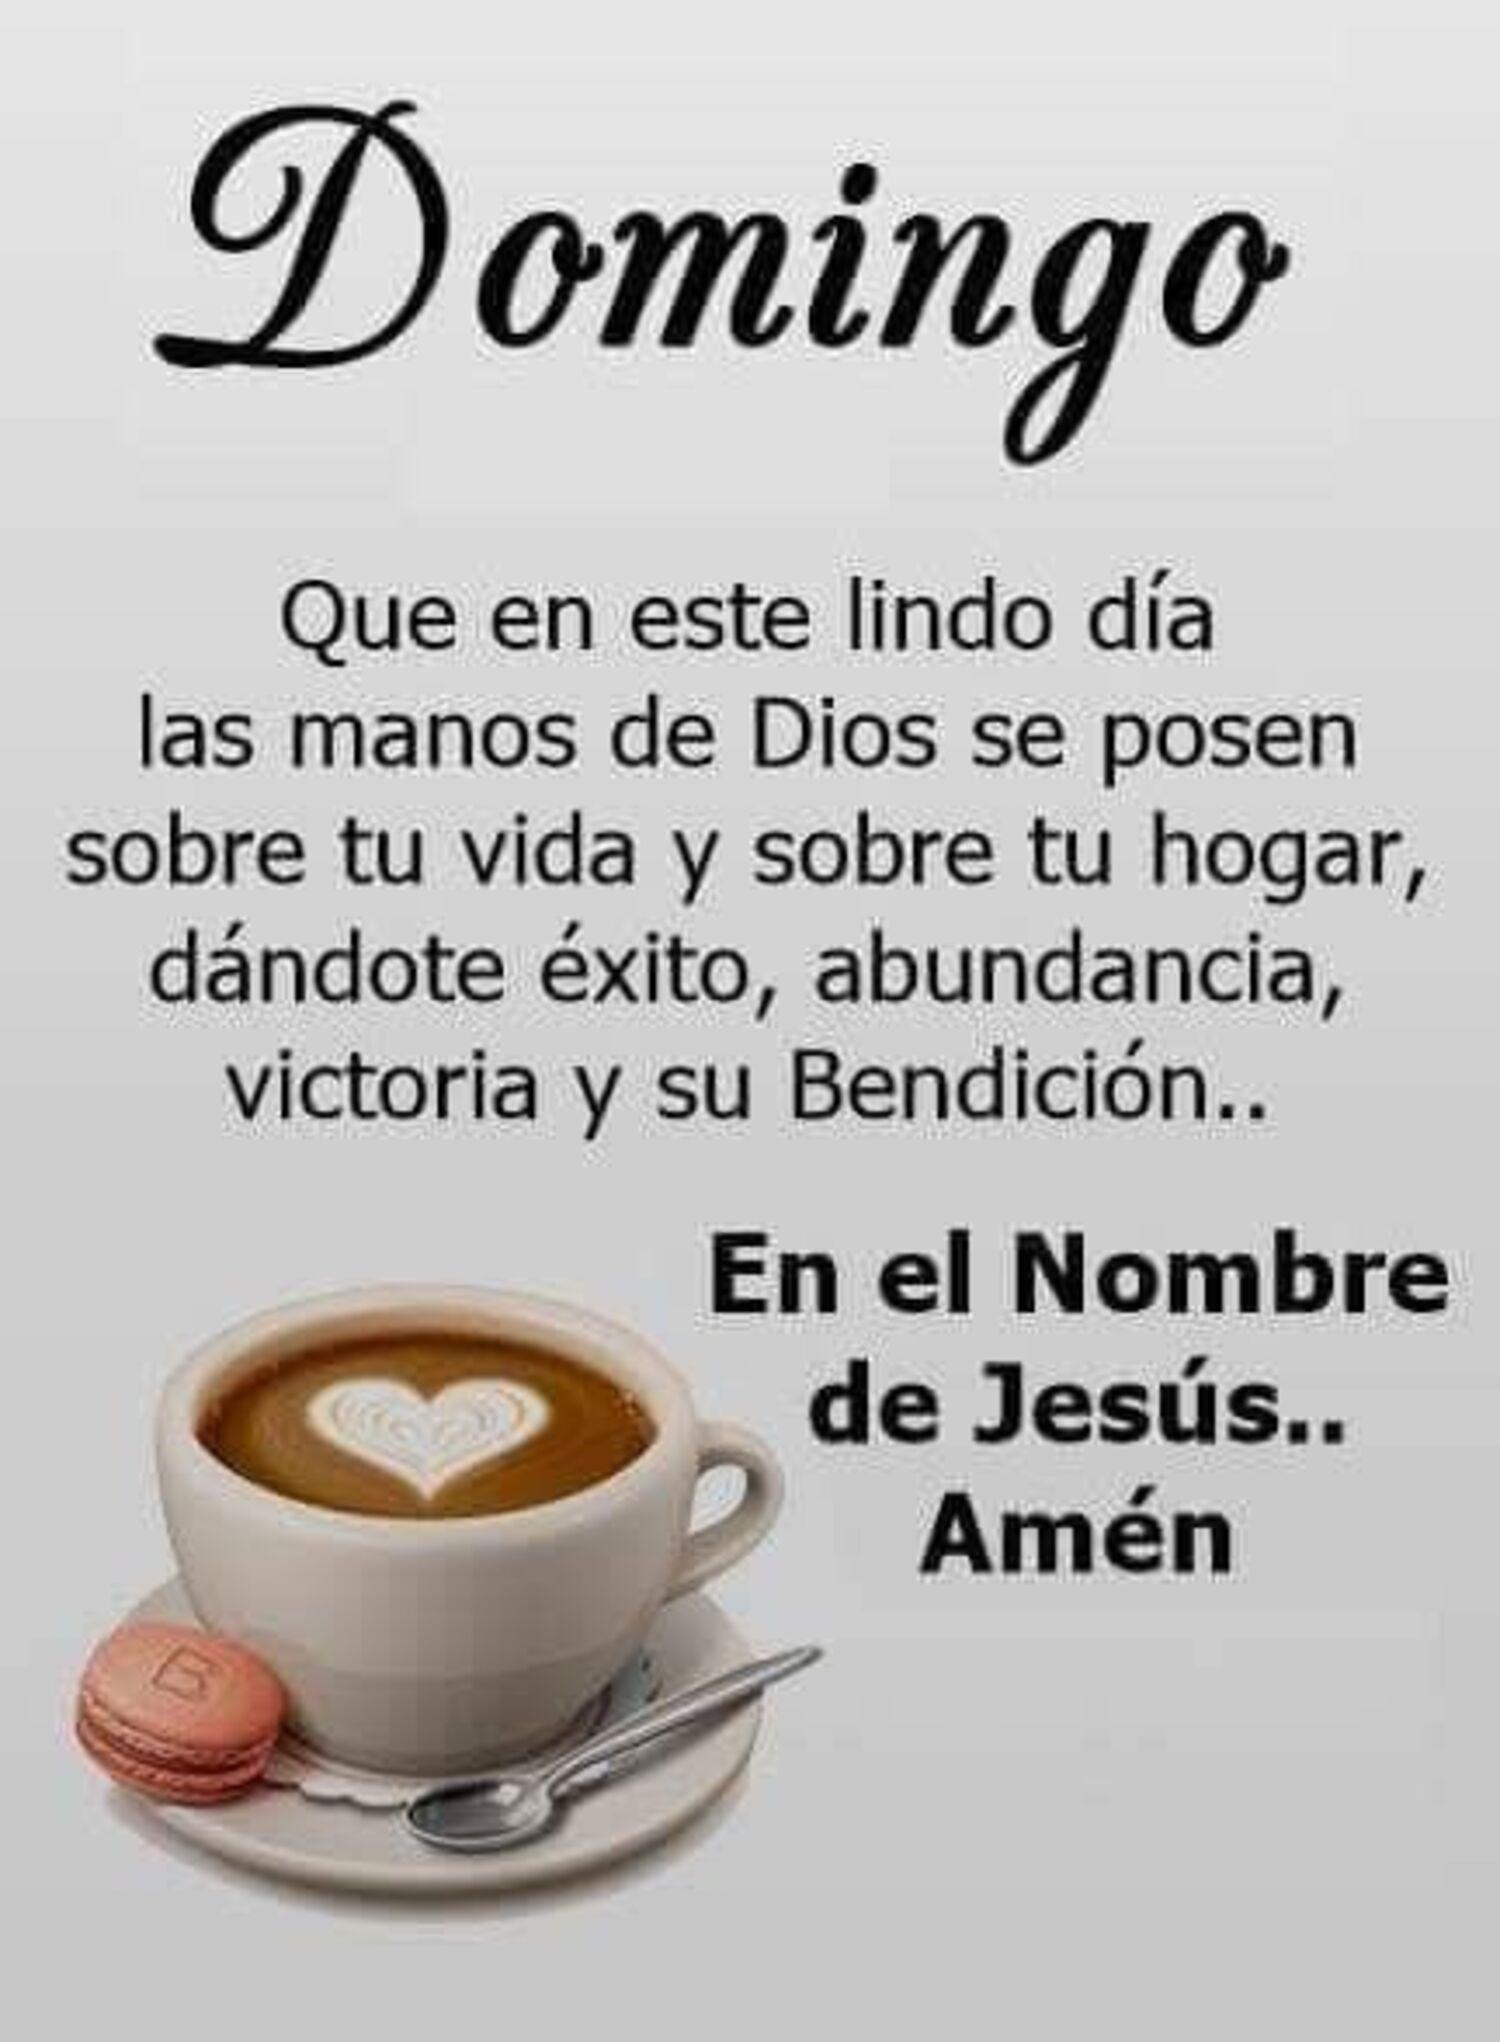 Domingo con Dios